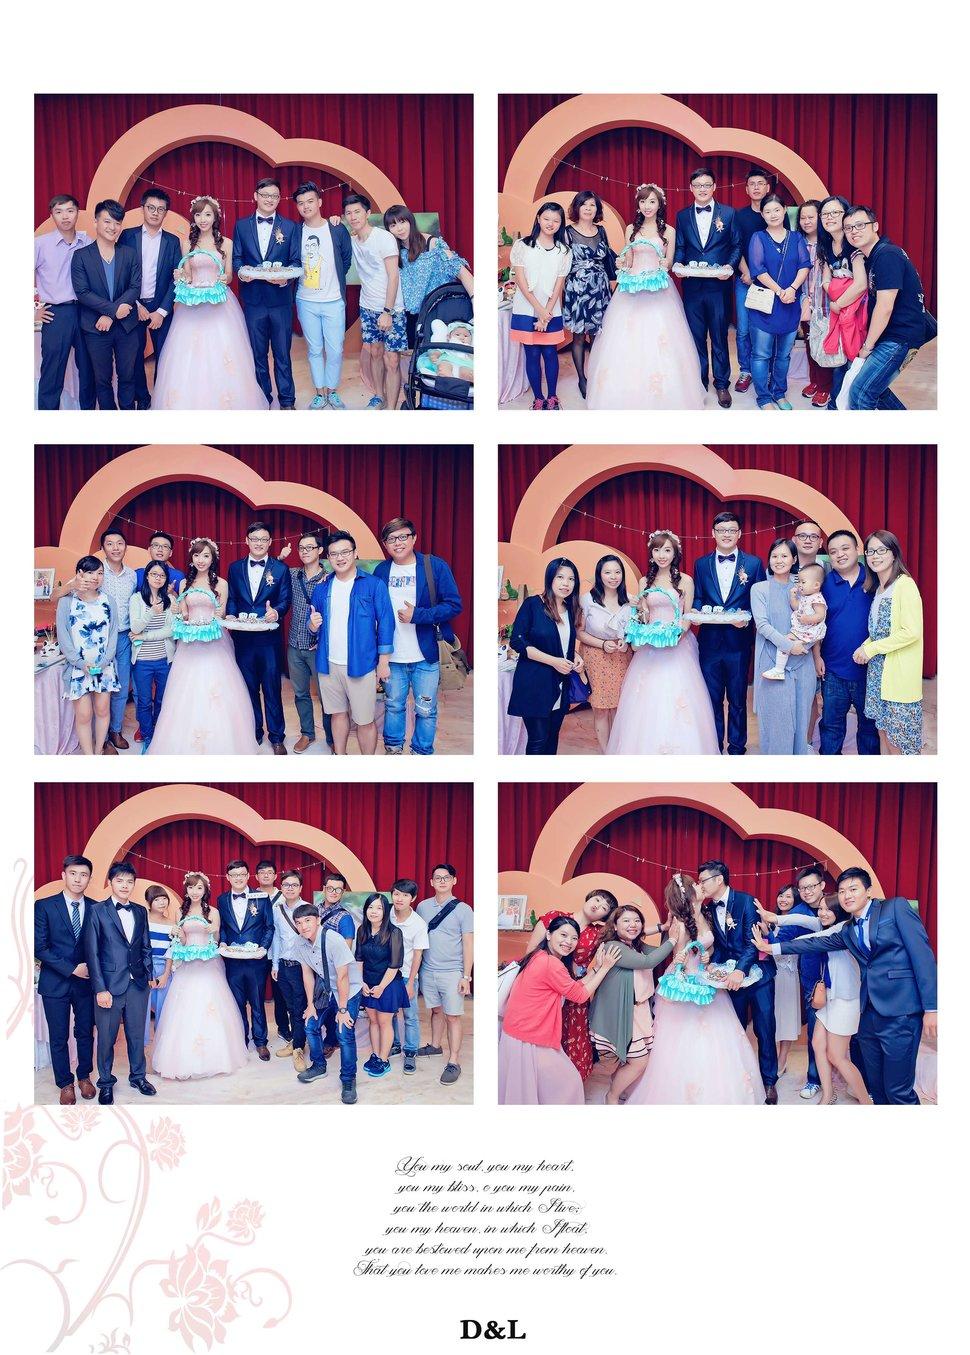 婚禮紀錄 嘉捷&莉卿(編號:300050) - D&L 婚禮事務-婚紗攝影/婚禮記錄 - 結婚吧一站式婚禮服務平台